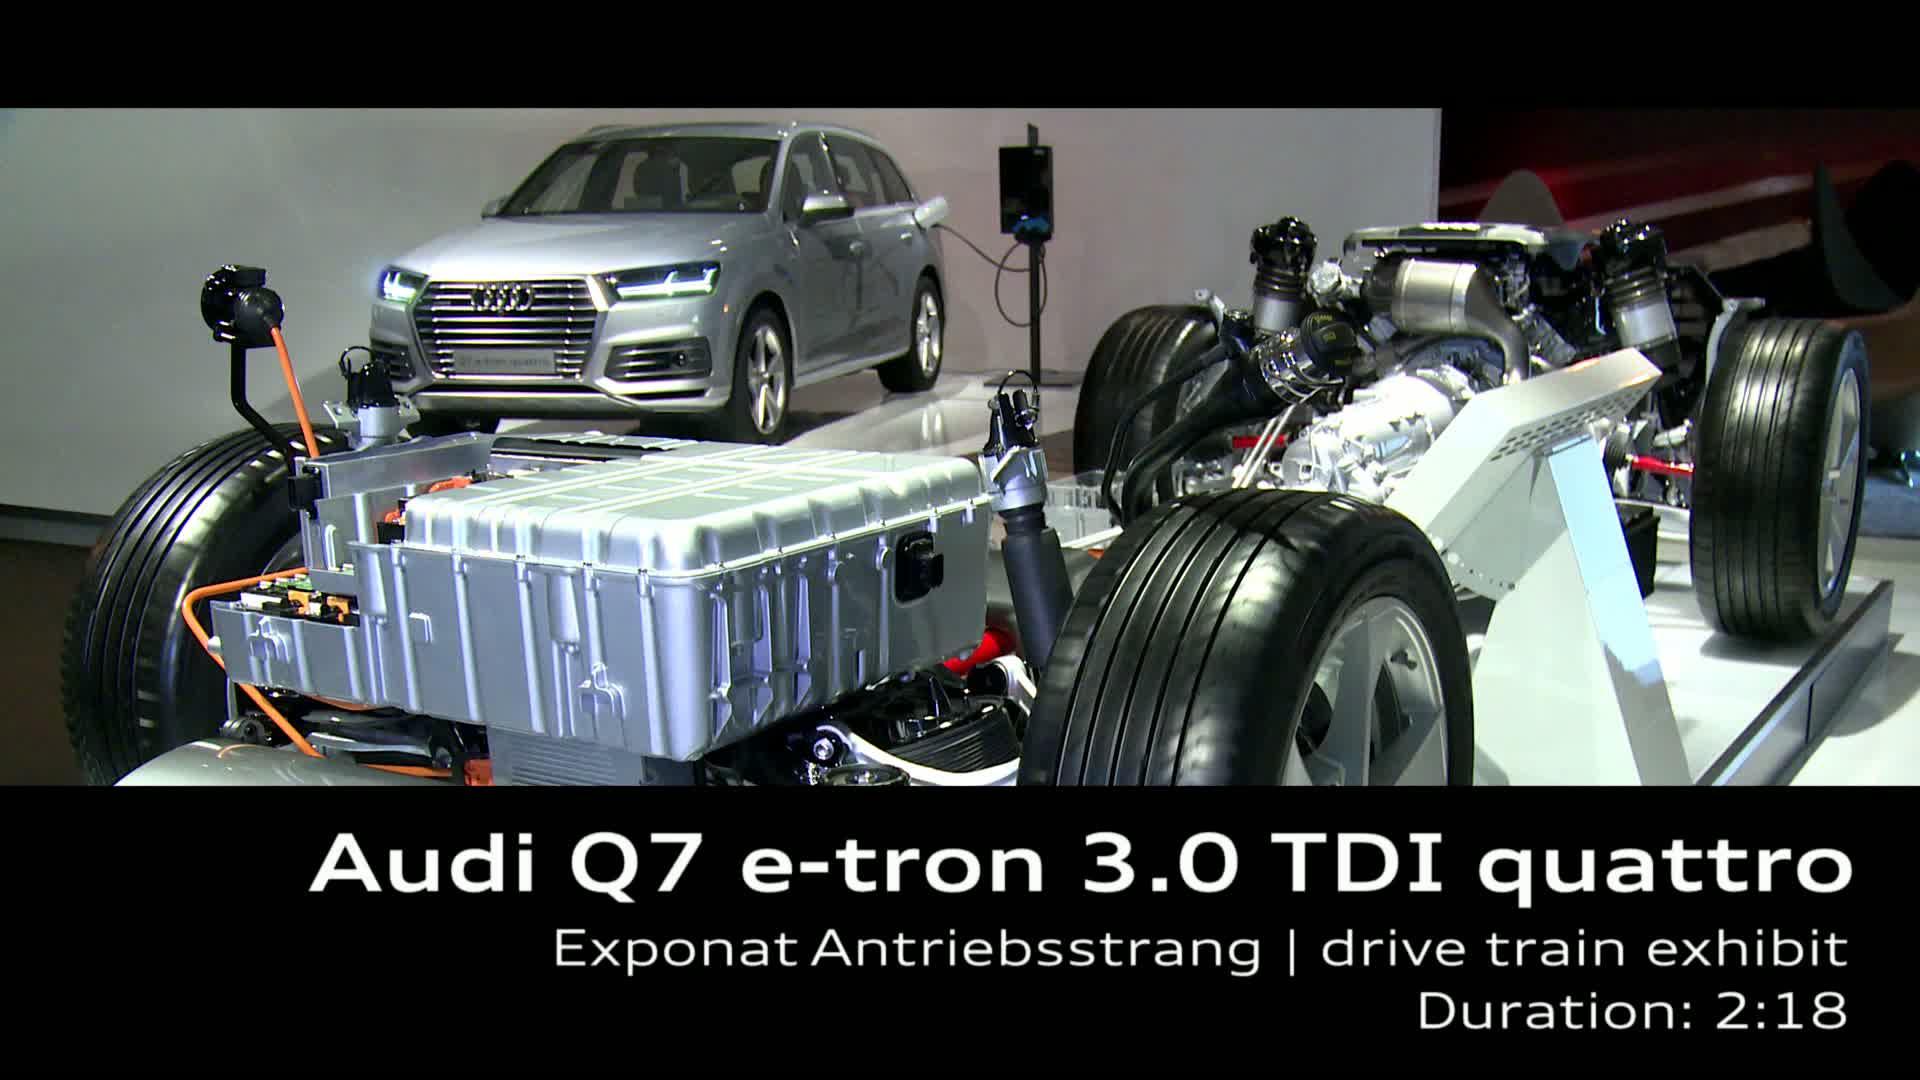 Audi Q7 e-tron 3.0 TDI quattro - Exhibit